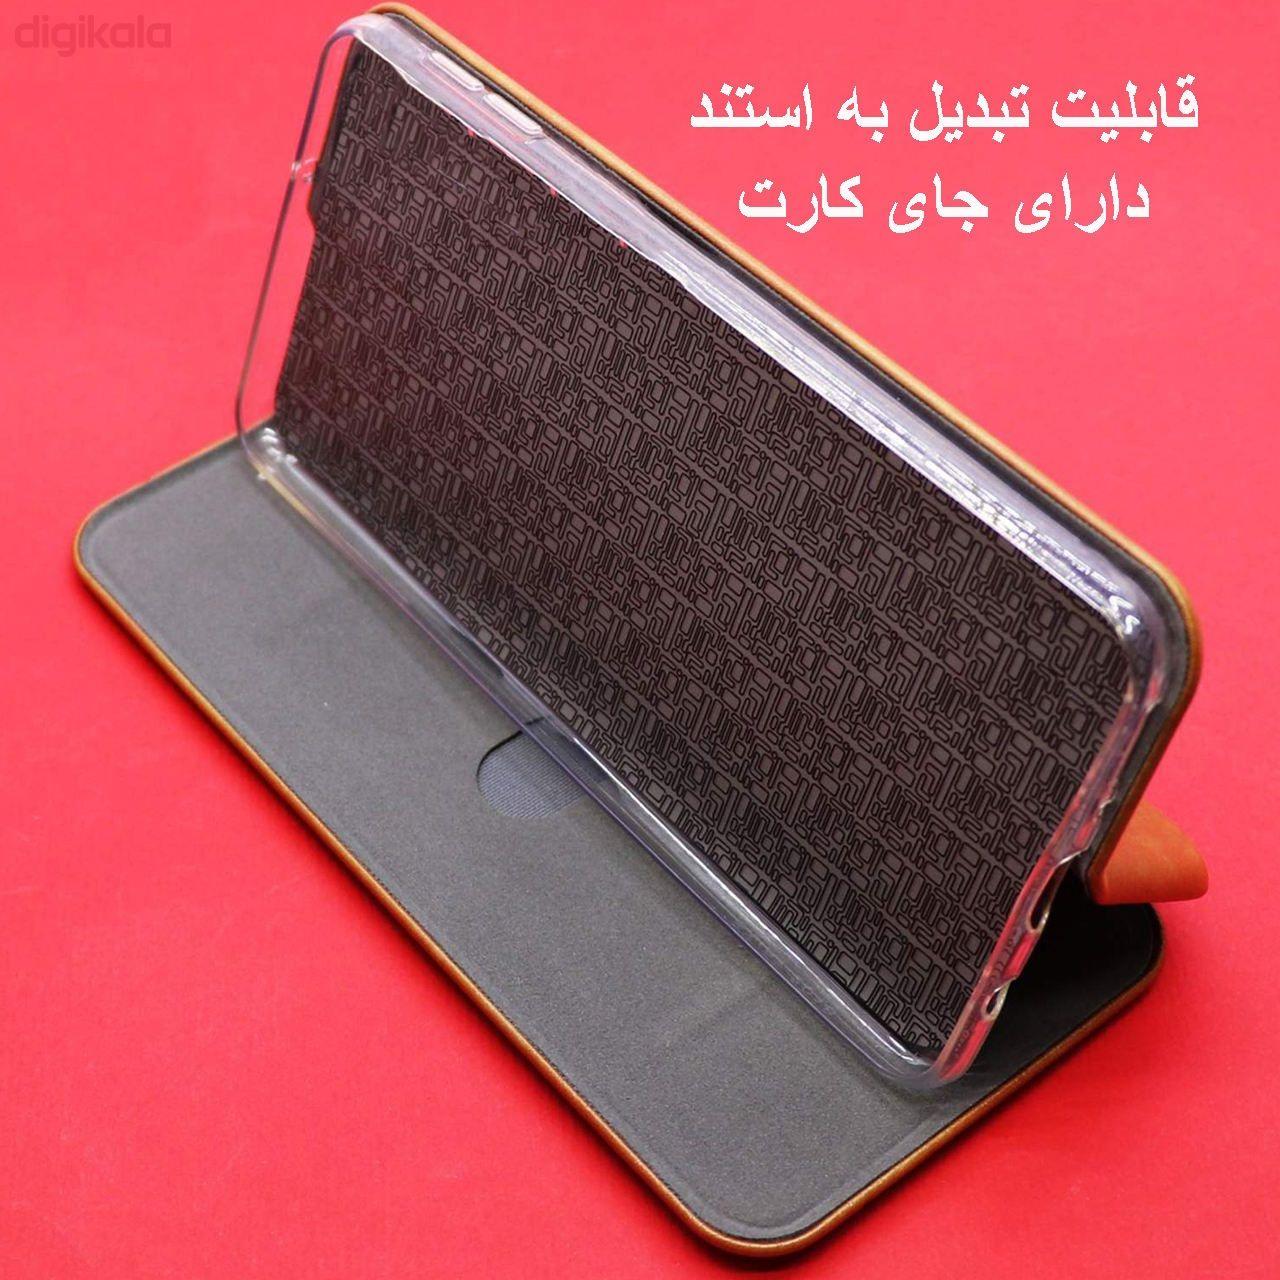 کیف کلاسوری  مدل Gk1009 مناسب برای گوشی موبایل سامسونگ Galaxy A20 / A30  main 1 2